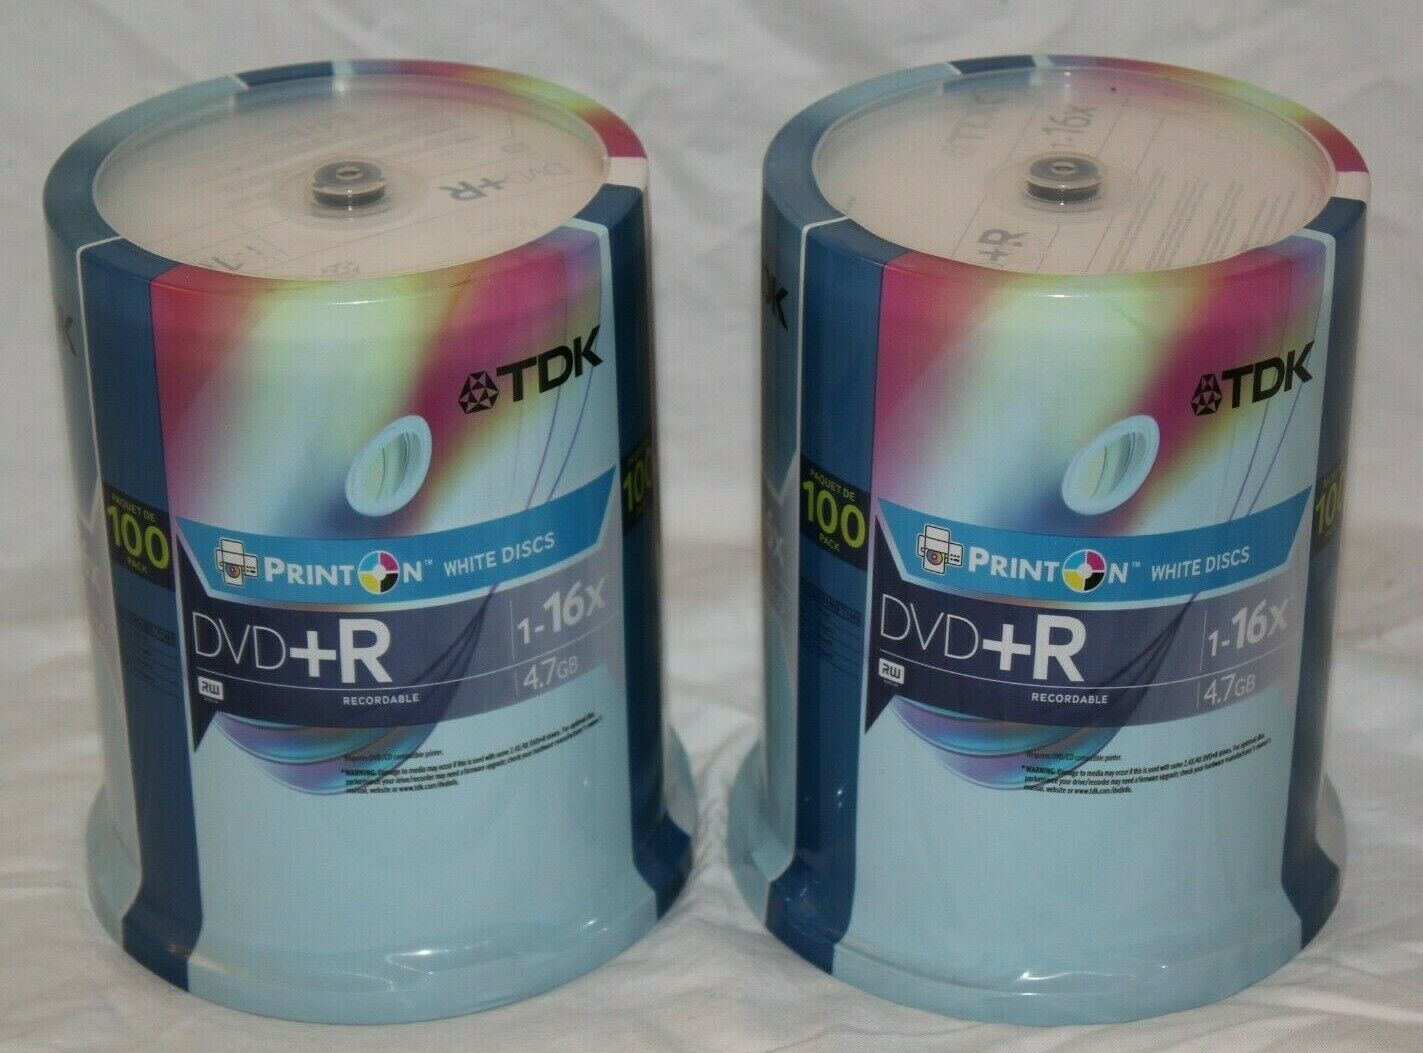 200 TDK DVD+R Recordable Print On White Discs 1-16x 4.7GB NE